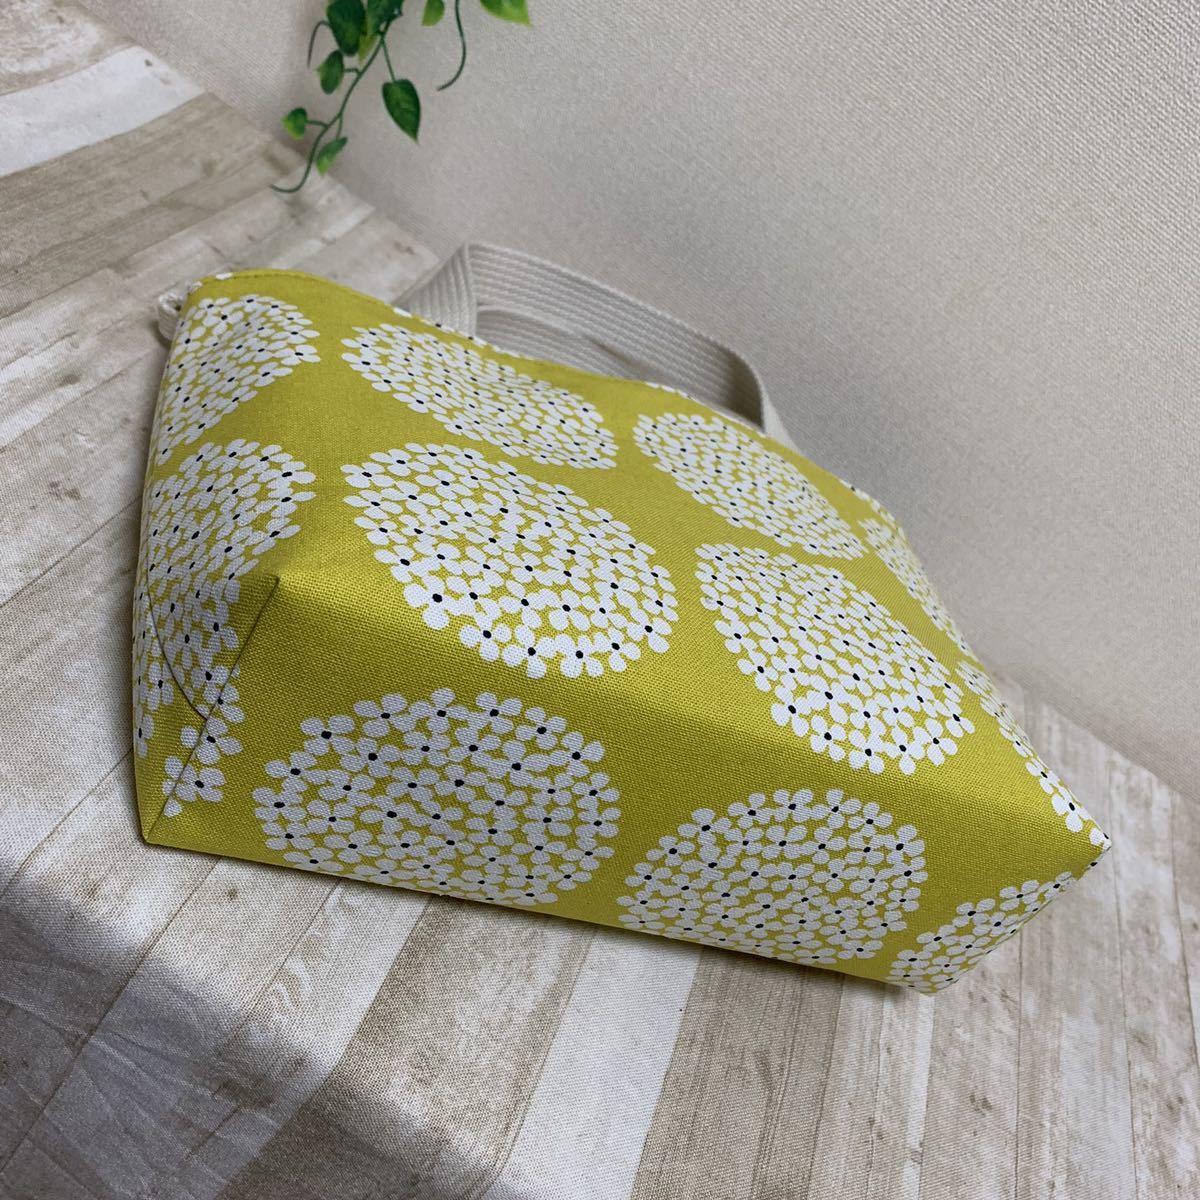 長財布も入る バックインバック ハンドバック ショルダー可能 紫陽花 マスタード ハンドメイド